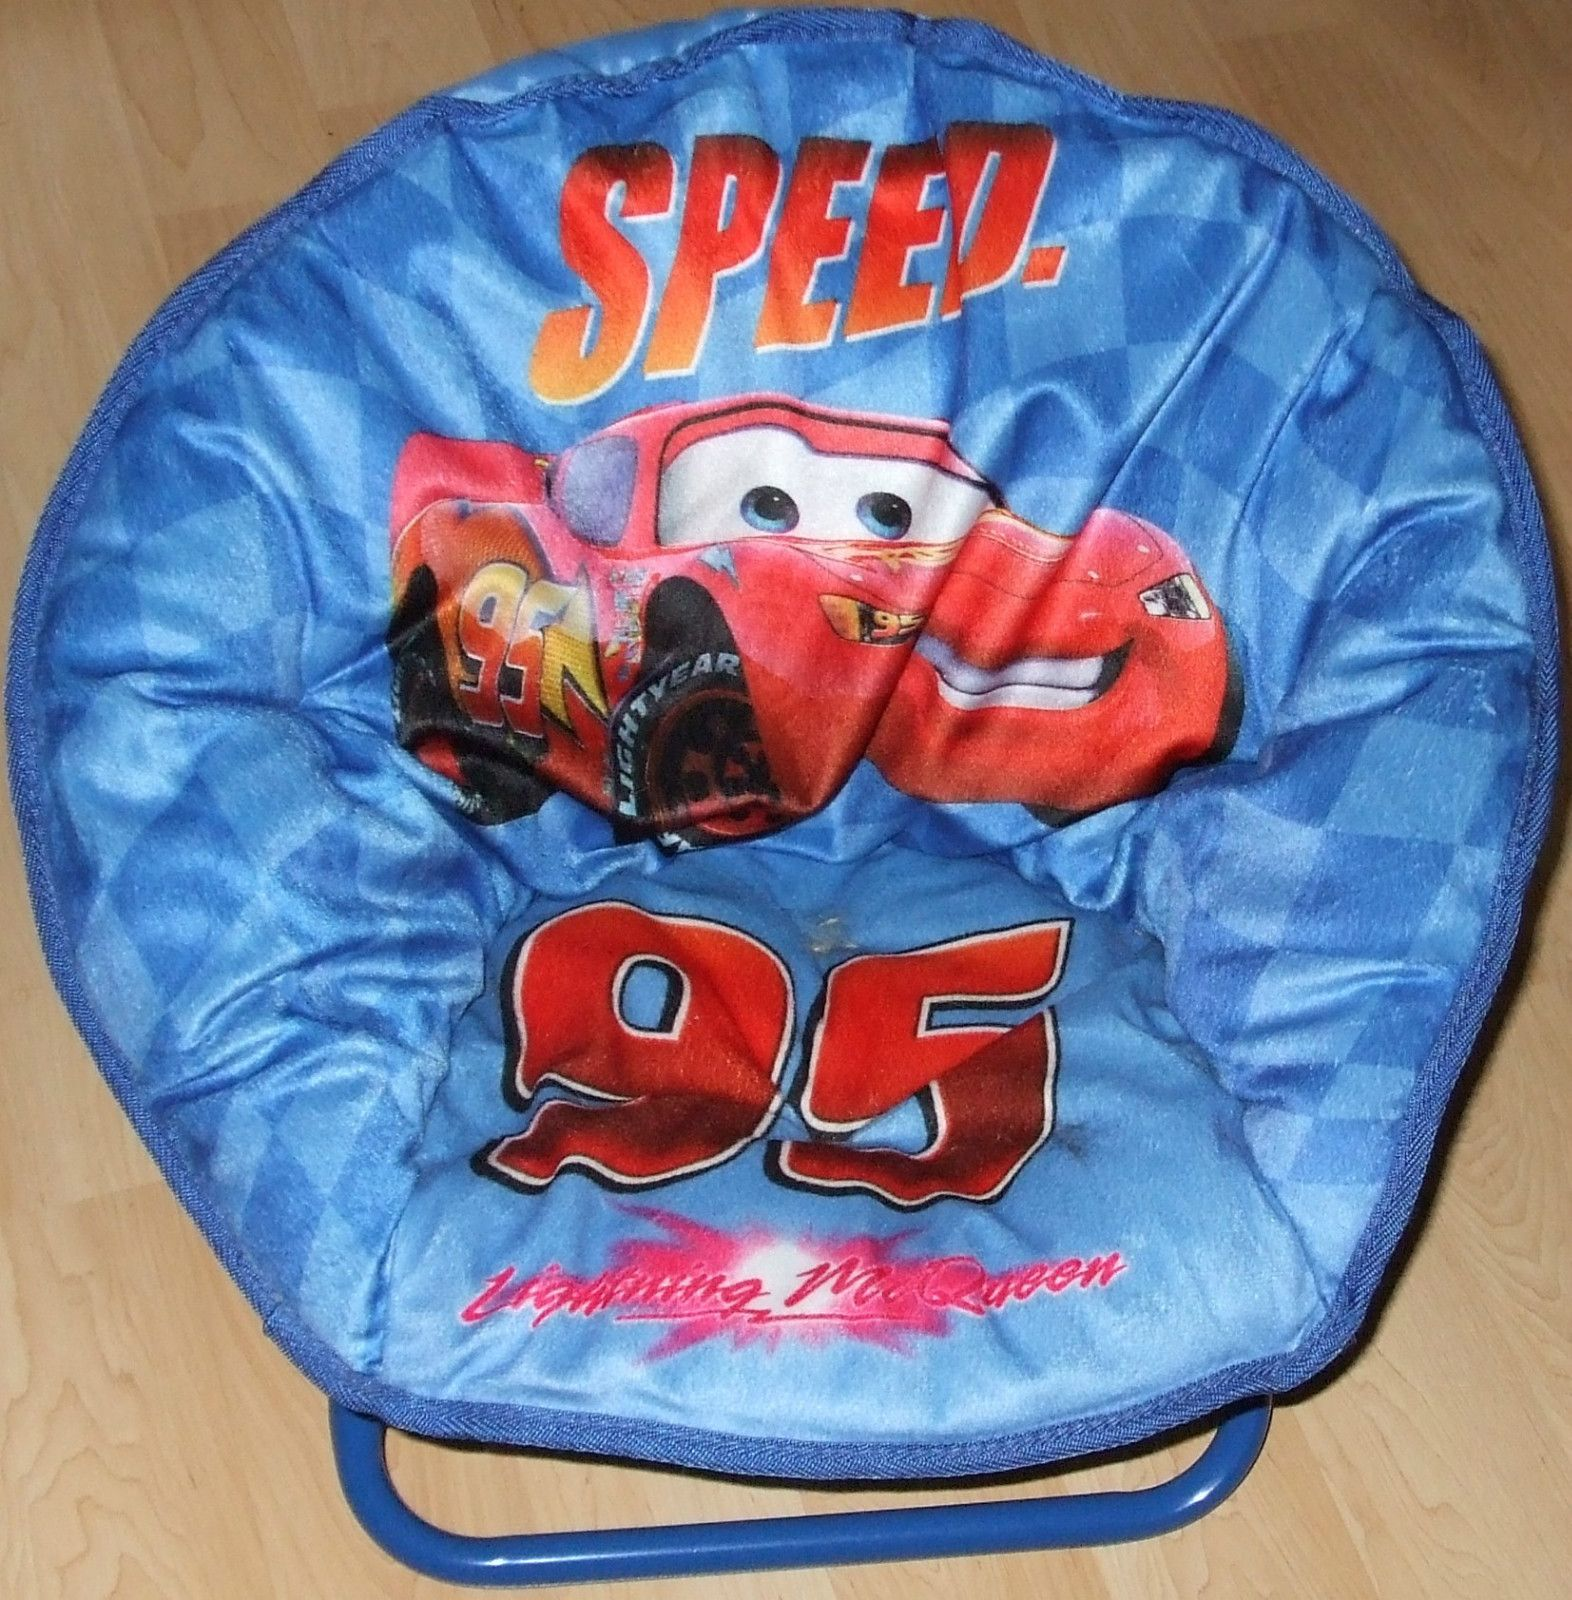 Lightning Mcqueen Bedroom Accessories Disney Cars Lightning Mcqueen Moon Chair Great For Kids Bedroom